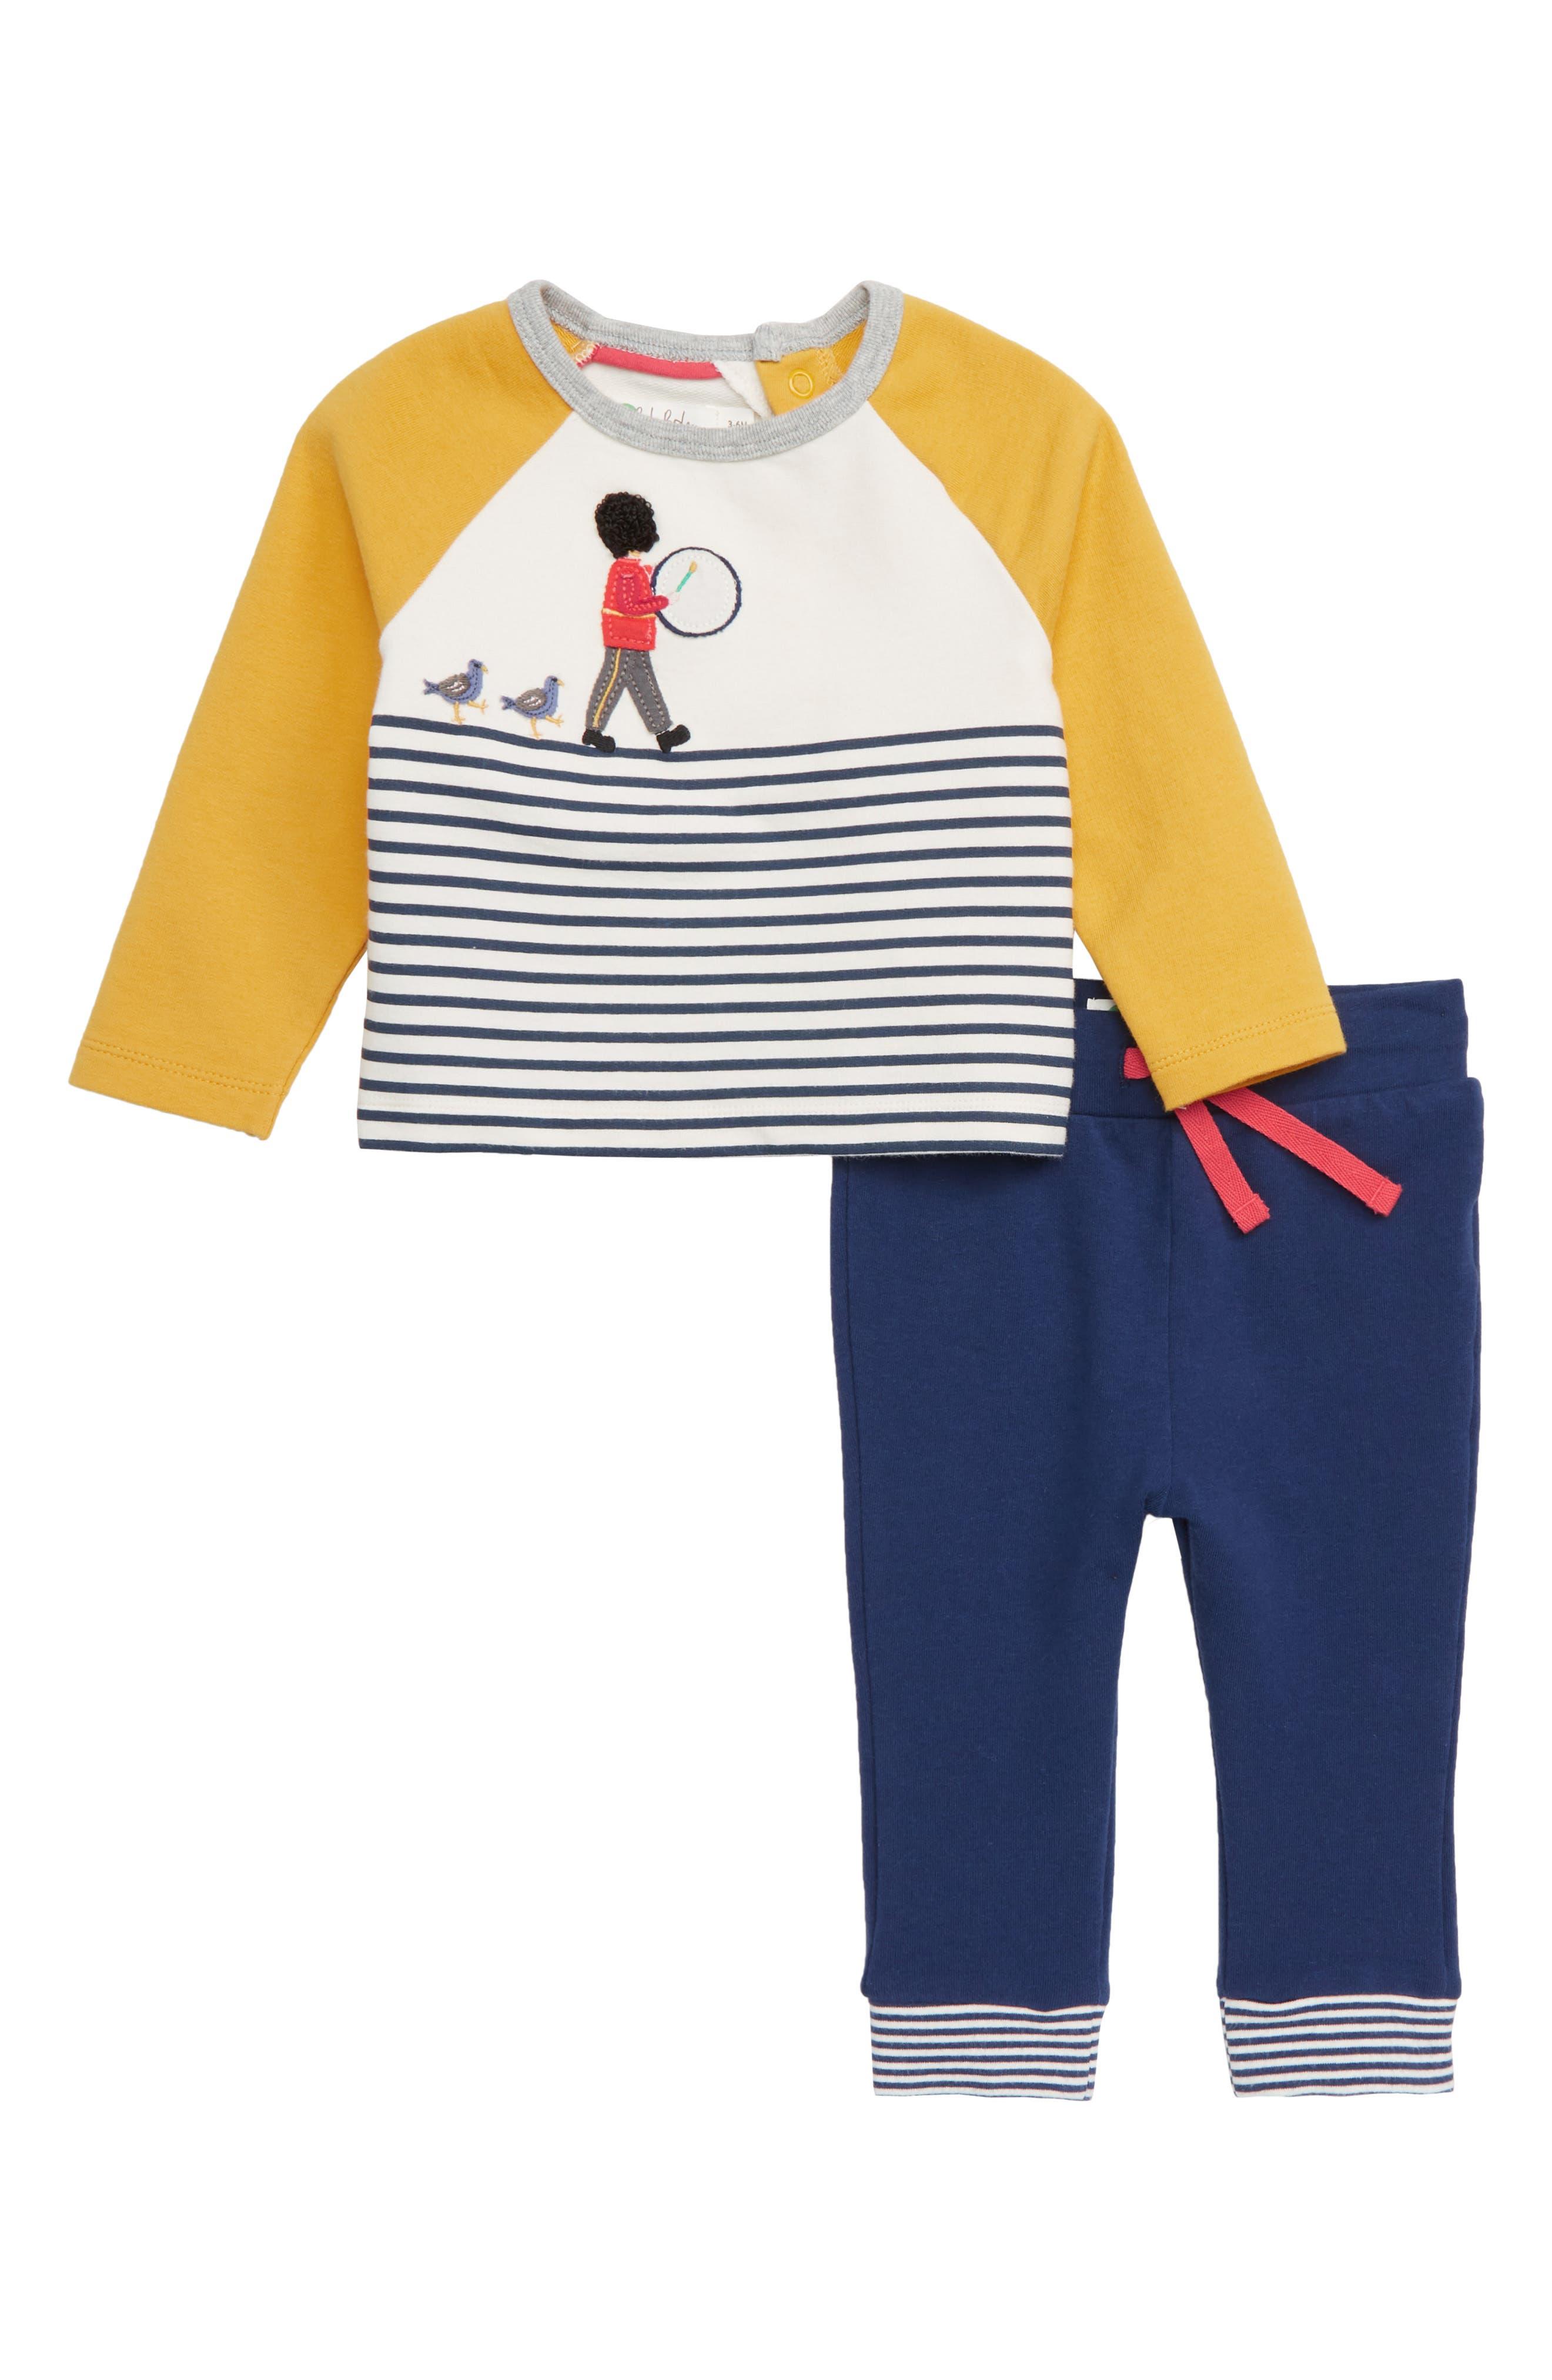 Fun Jersey Appliqué T-Shirt & Pants Set, Main, color, MBL ECRU/ COLLEGE BLUE SOLDIER